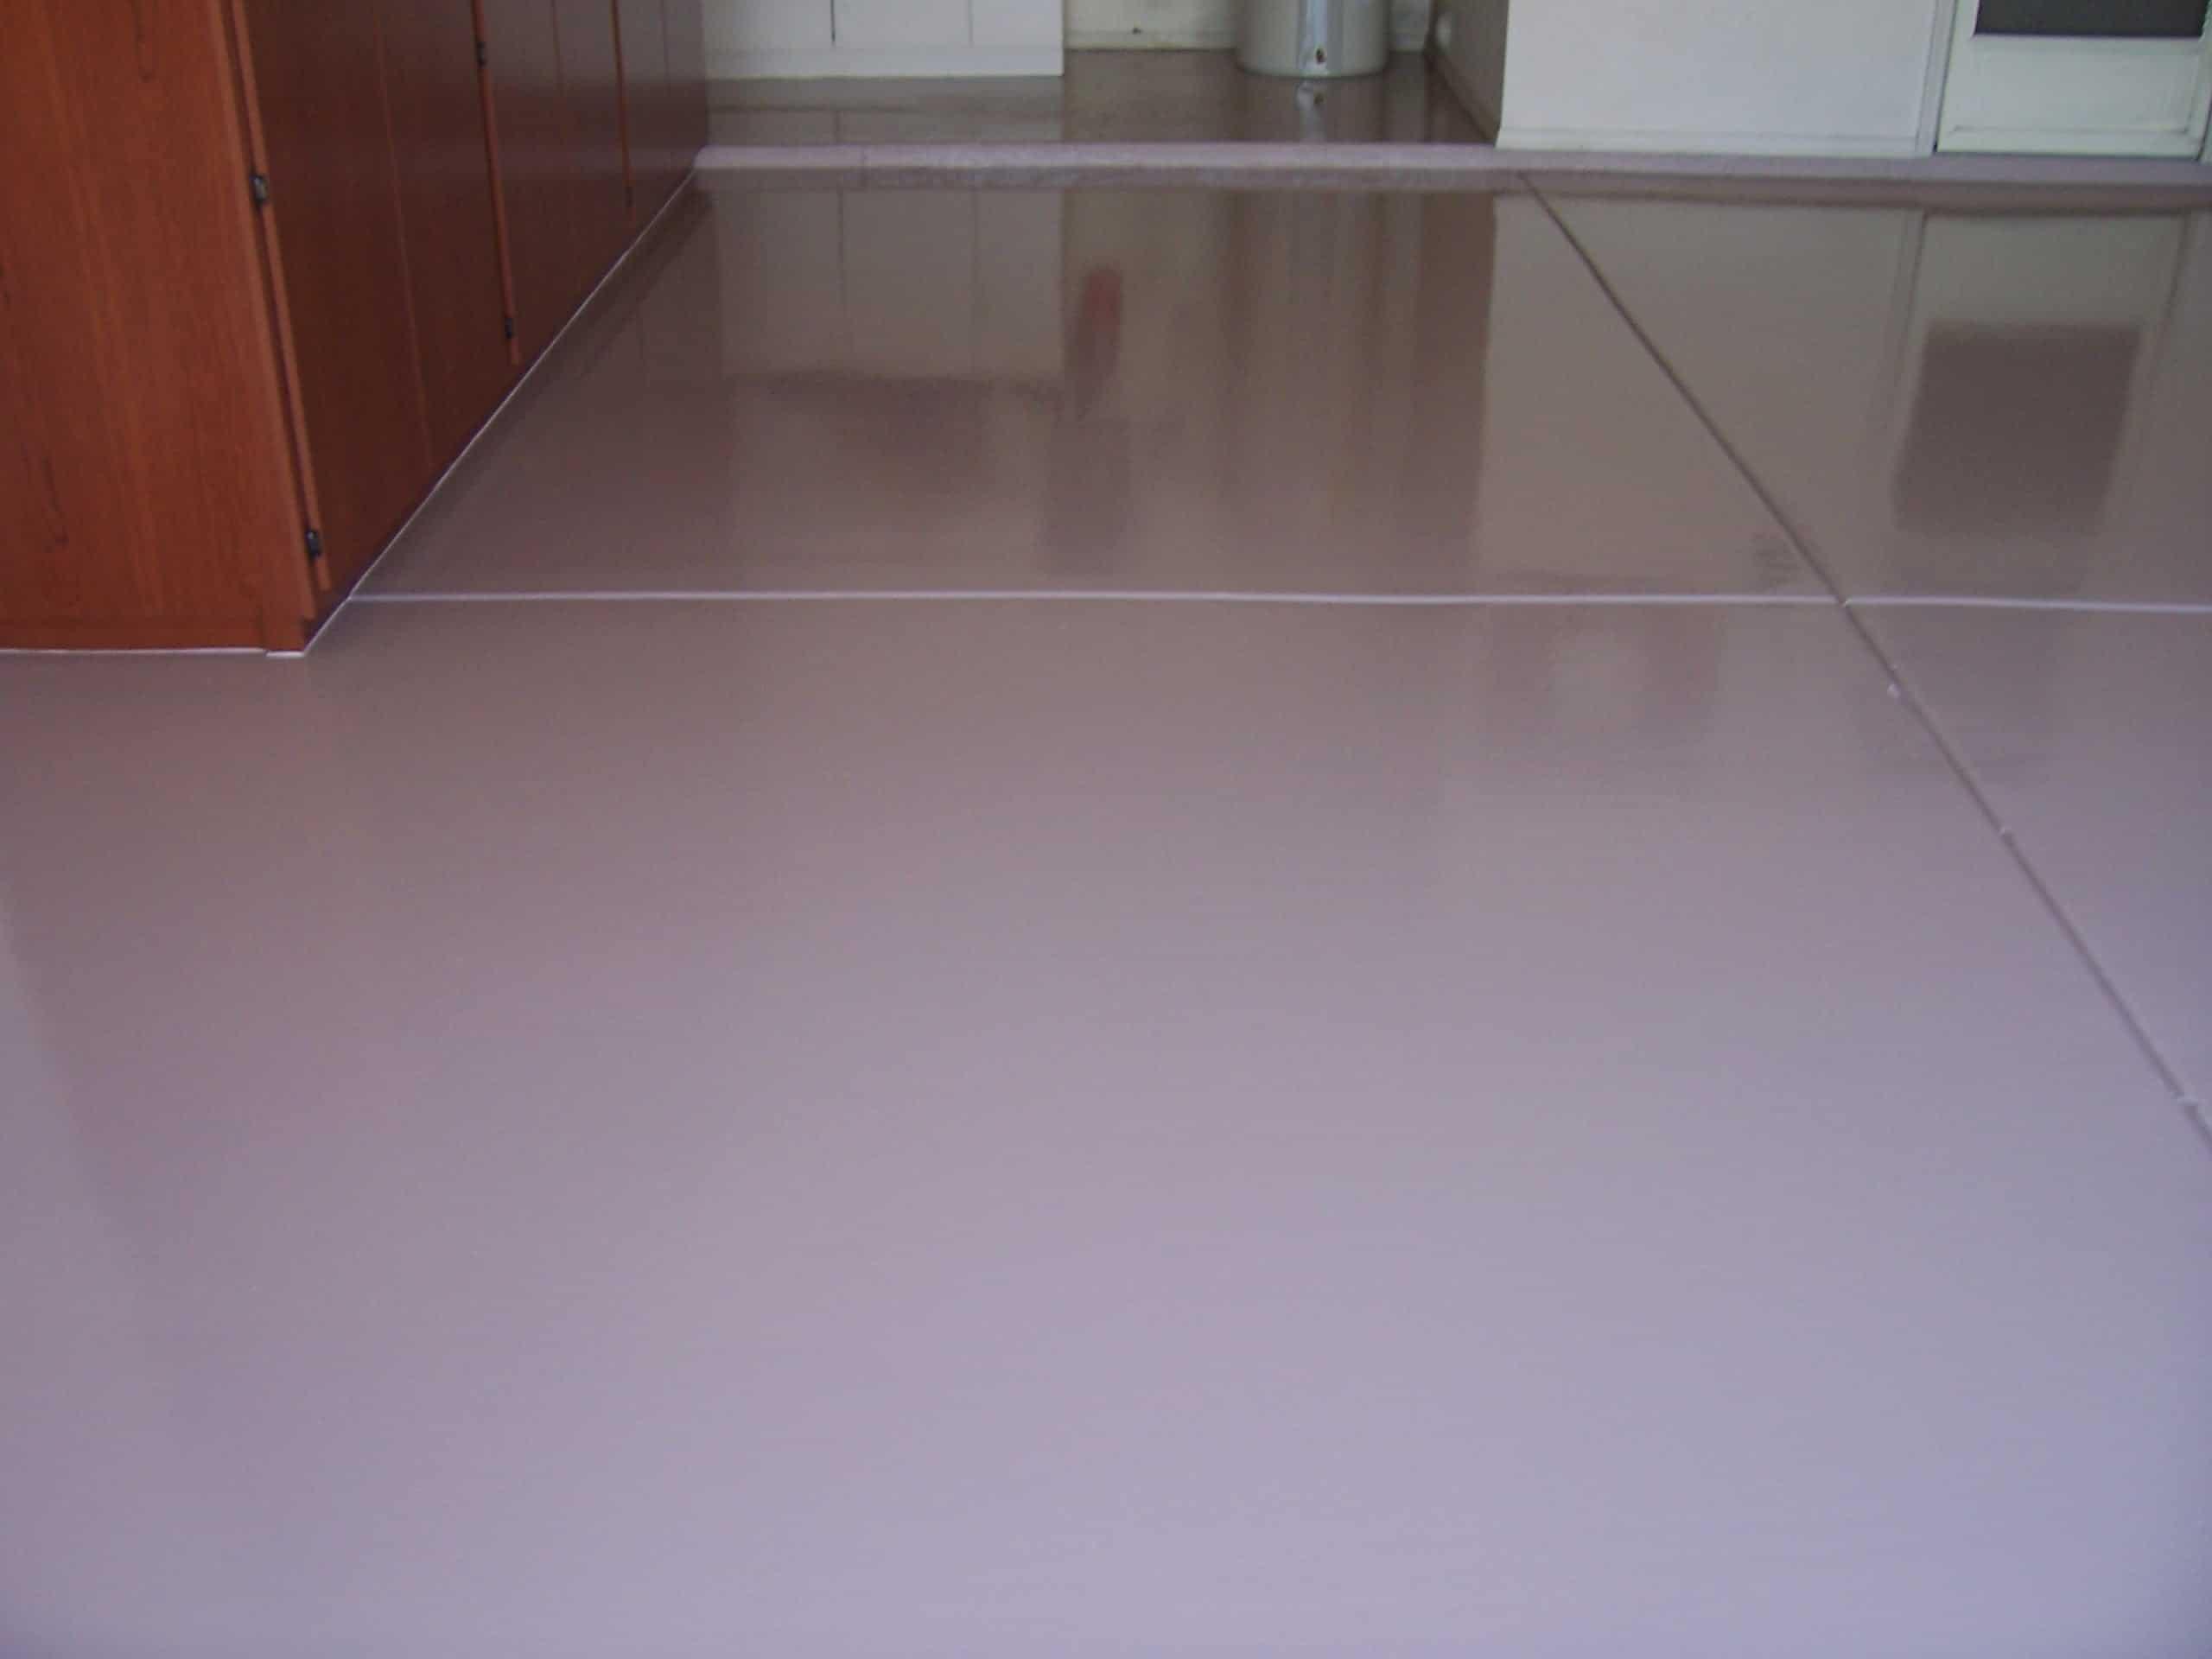 Epoxy Finish Home Kitchen Finish Sledge Concrete Coatings